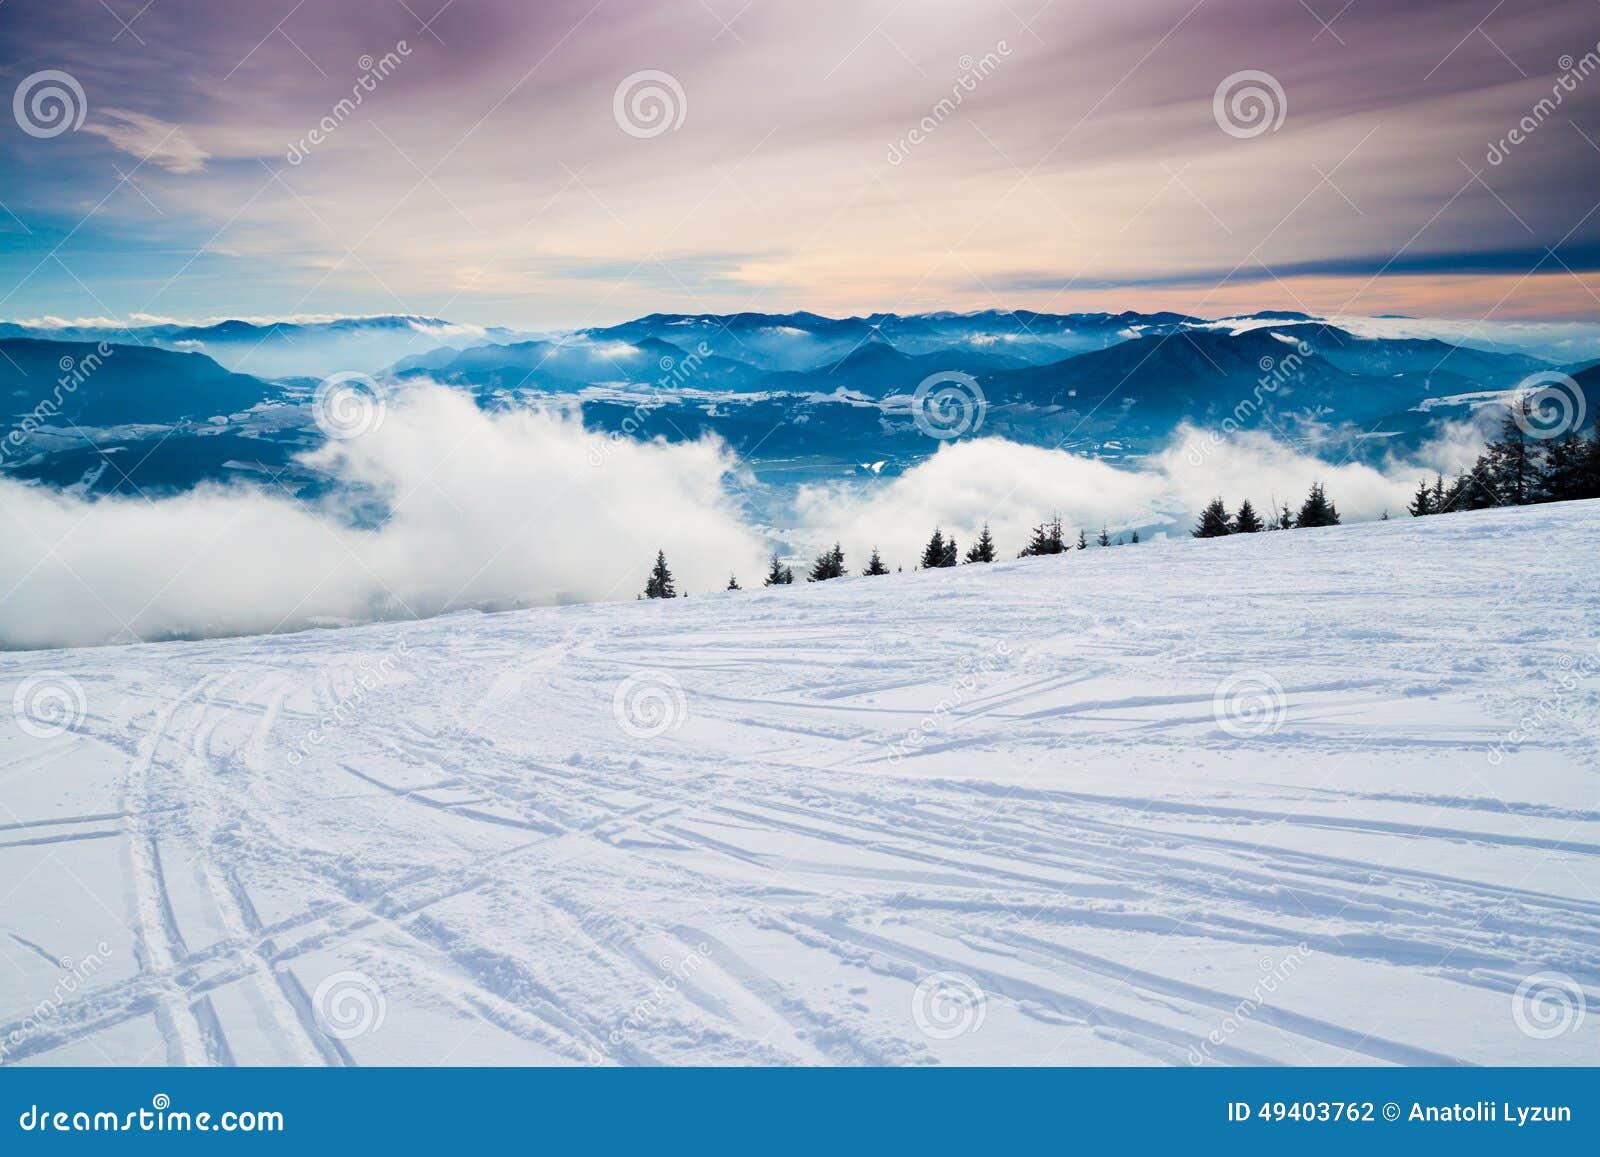 Download Kaukasus, Region Dombay stockfoto. Bild von kalt, wald - 49403762